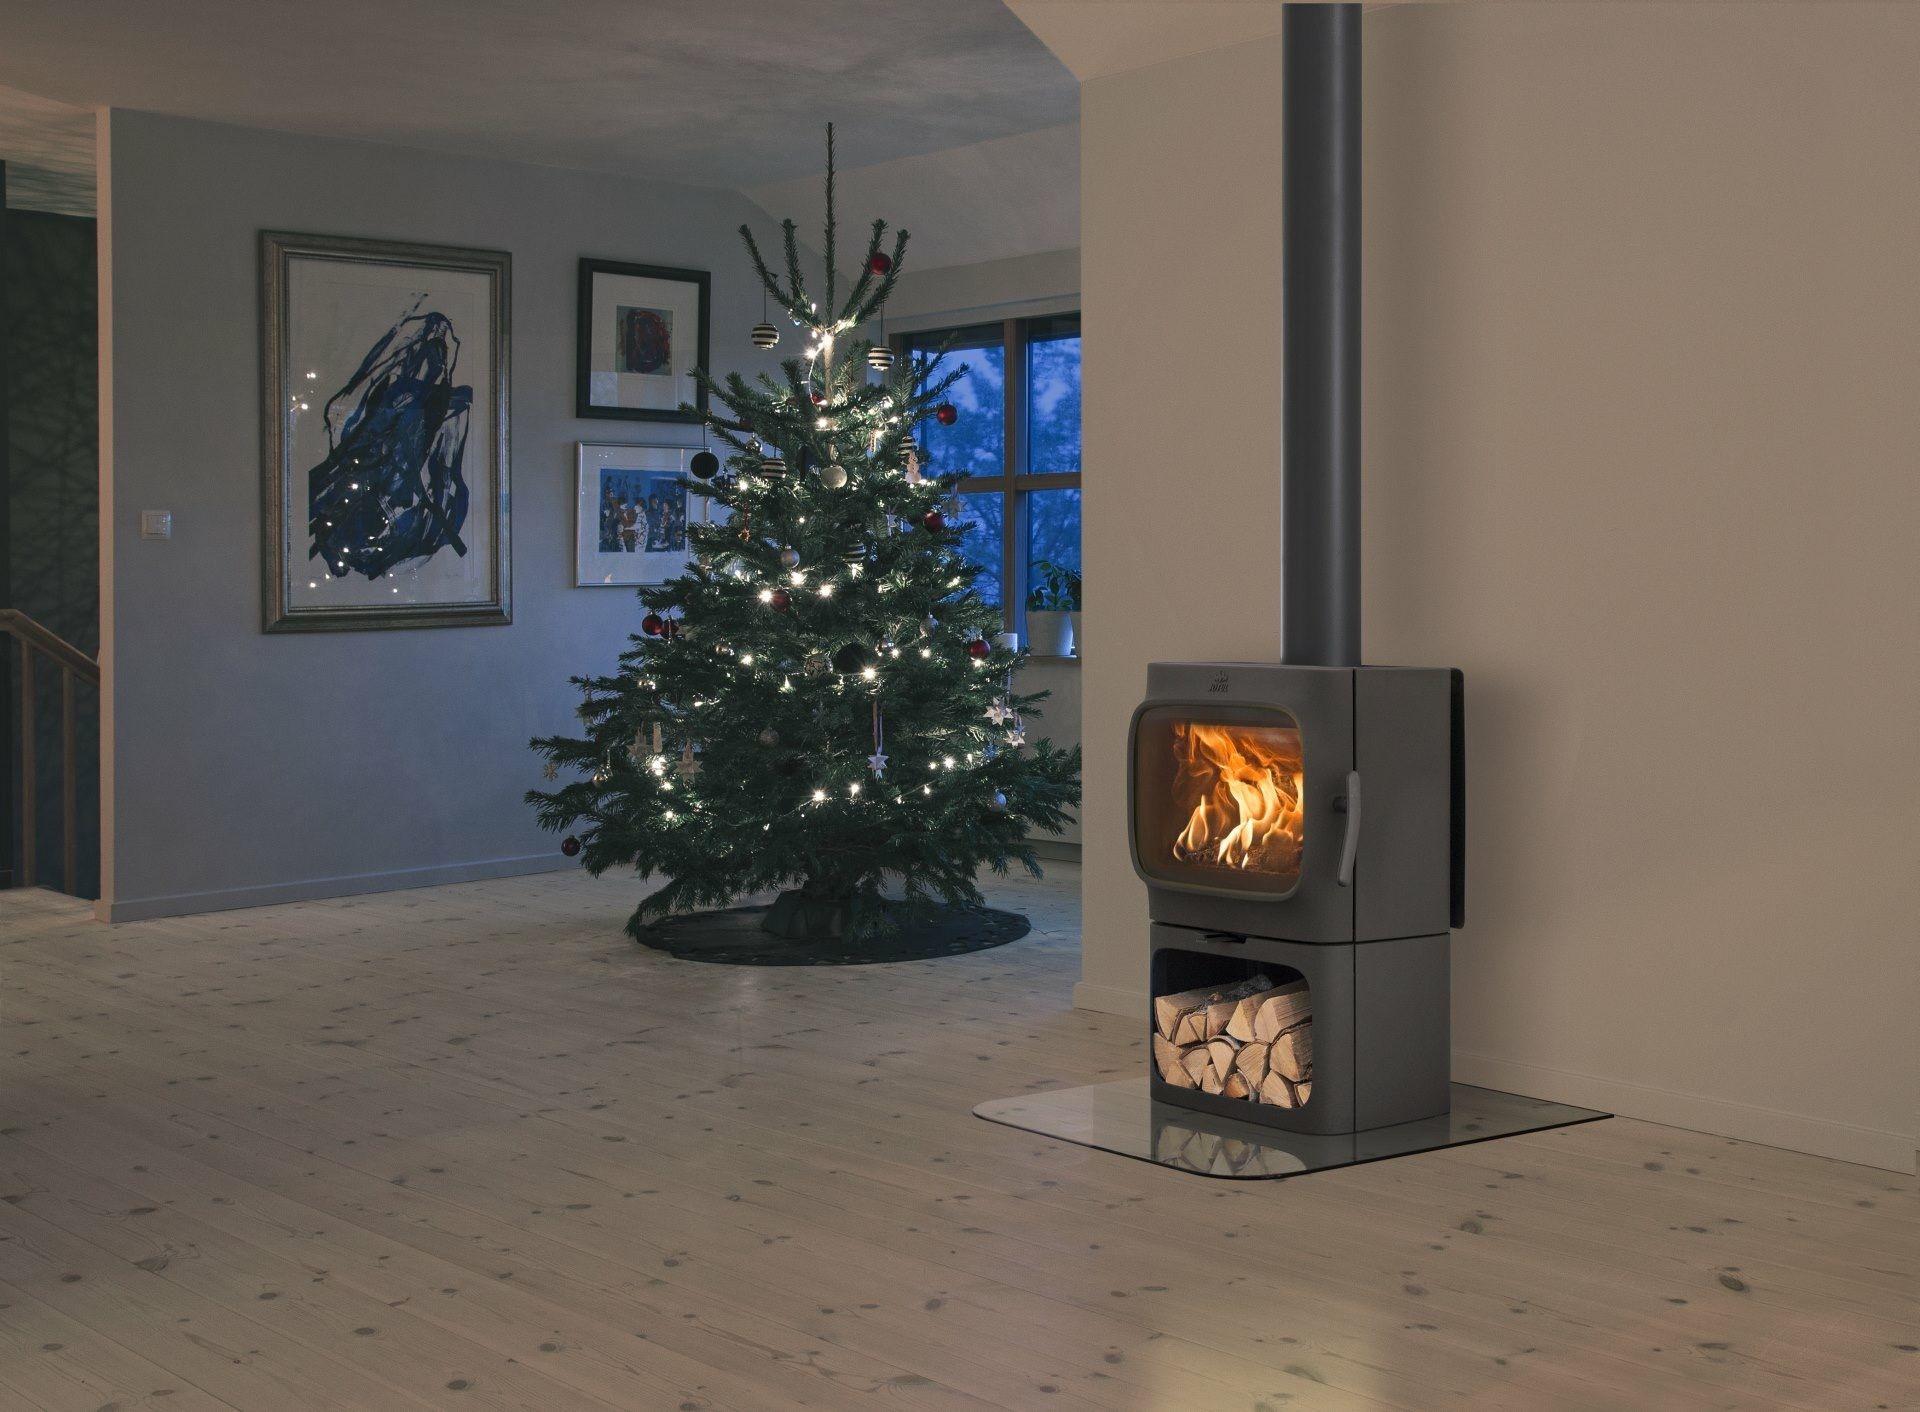 Jotul houtkachel kerst #kerstboom #interieur #houtkachel #kerst